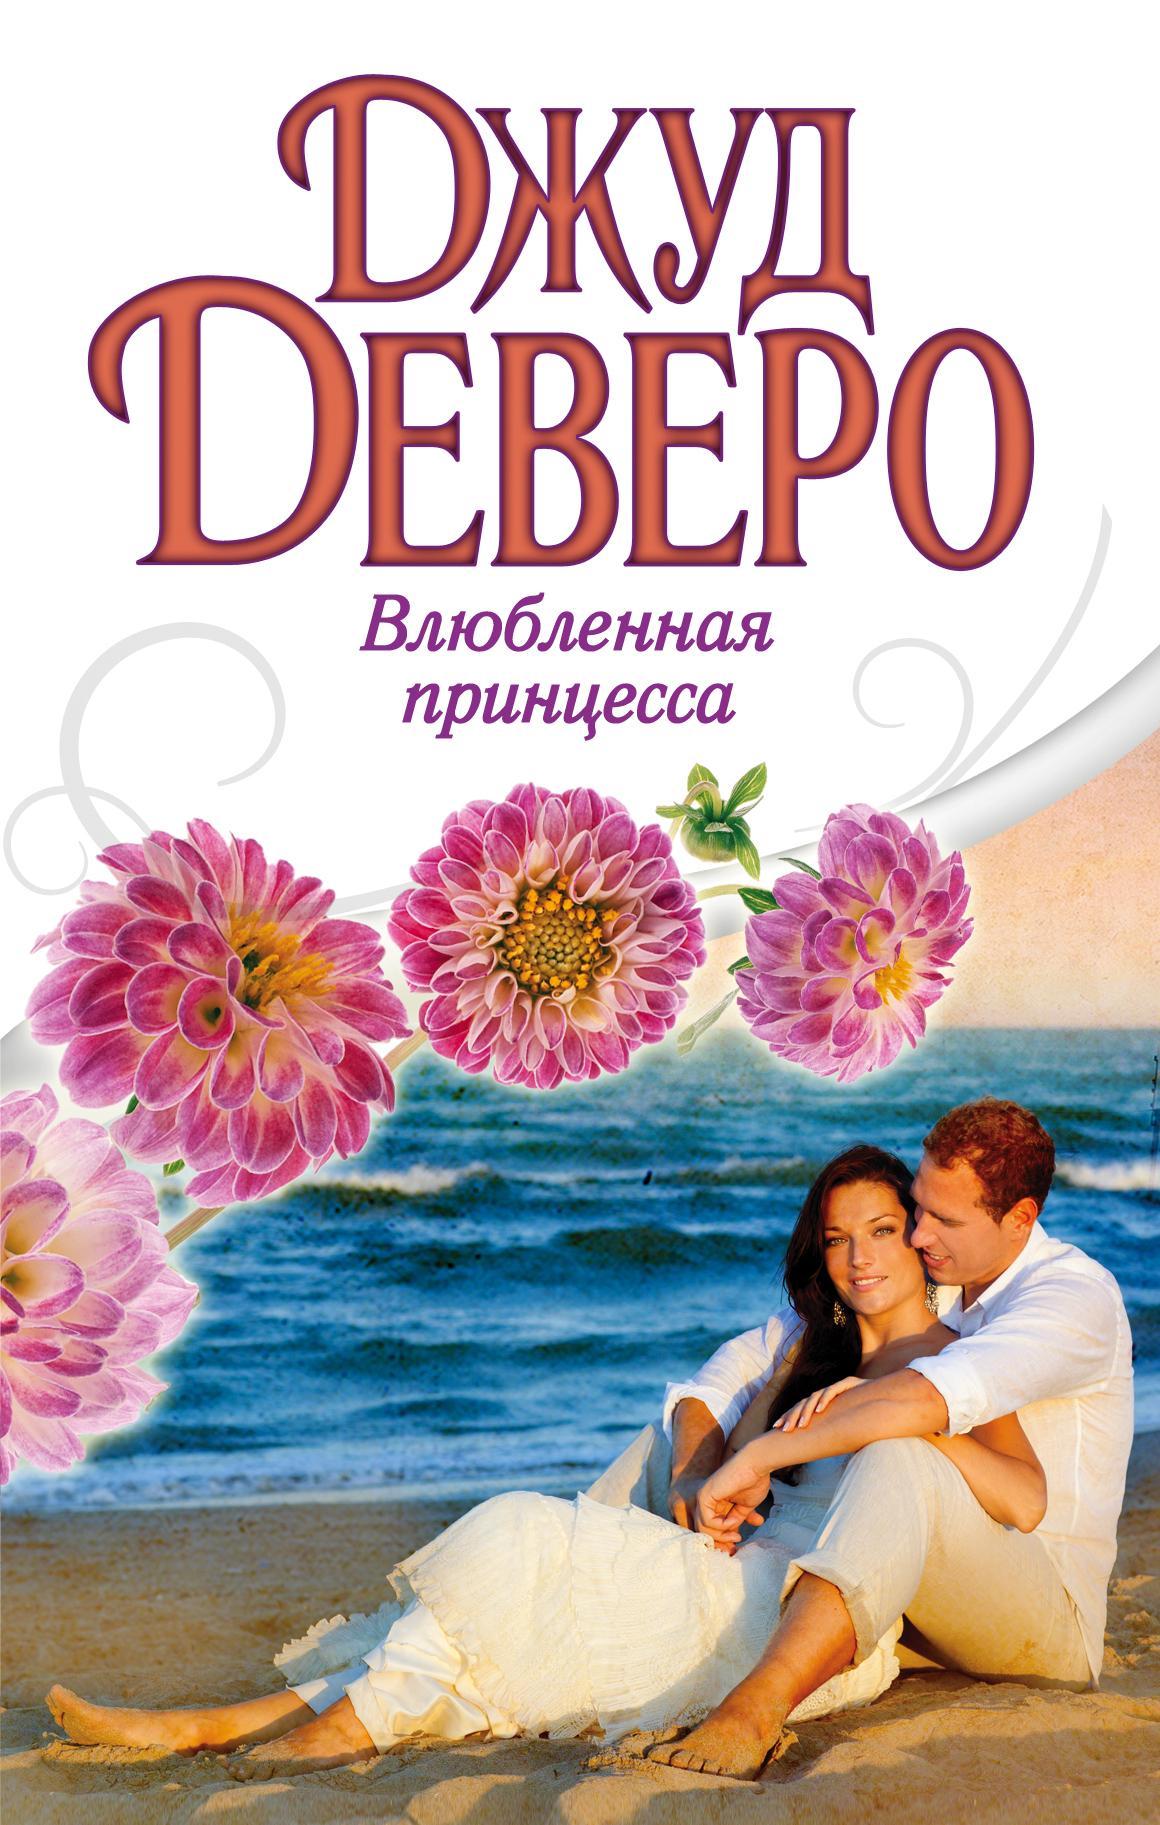 Деверо Д. Влюбленная принцесса нашествие дни и ночи